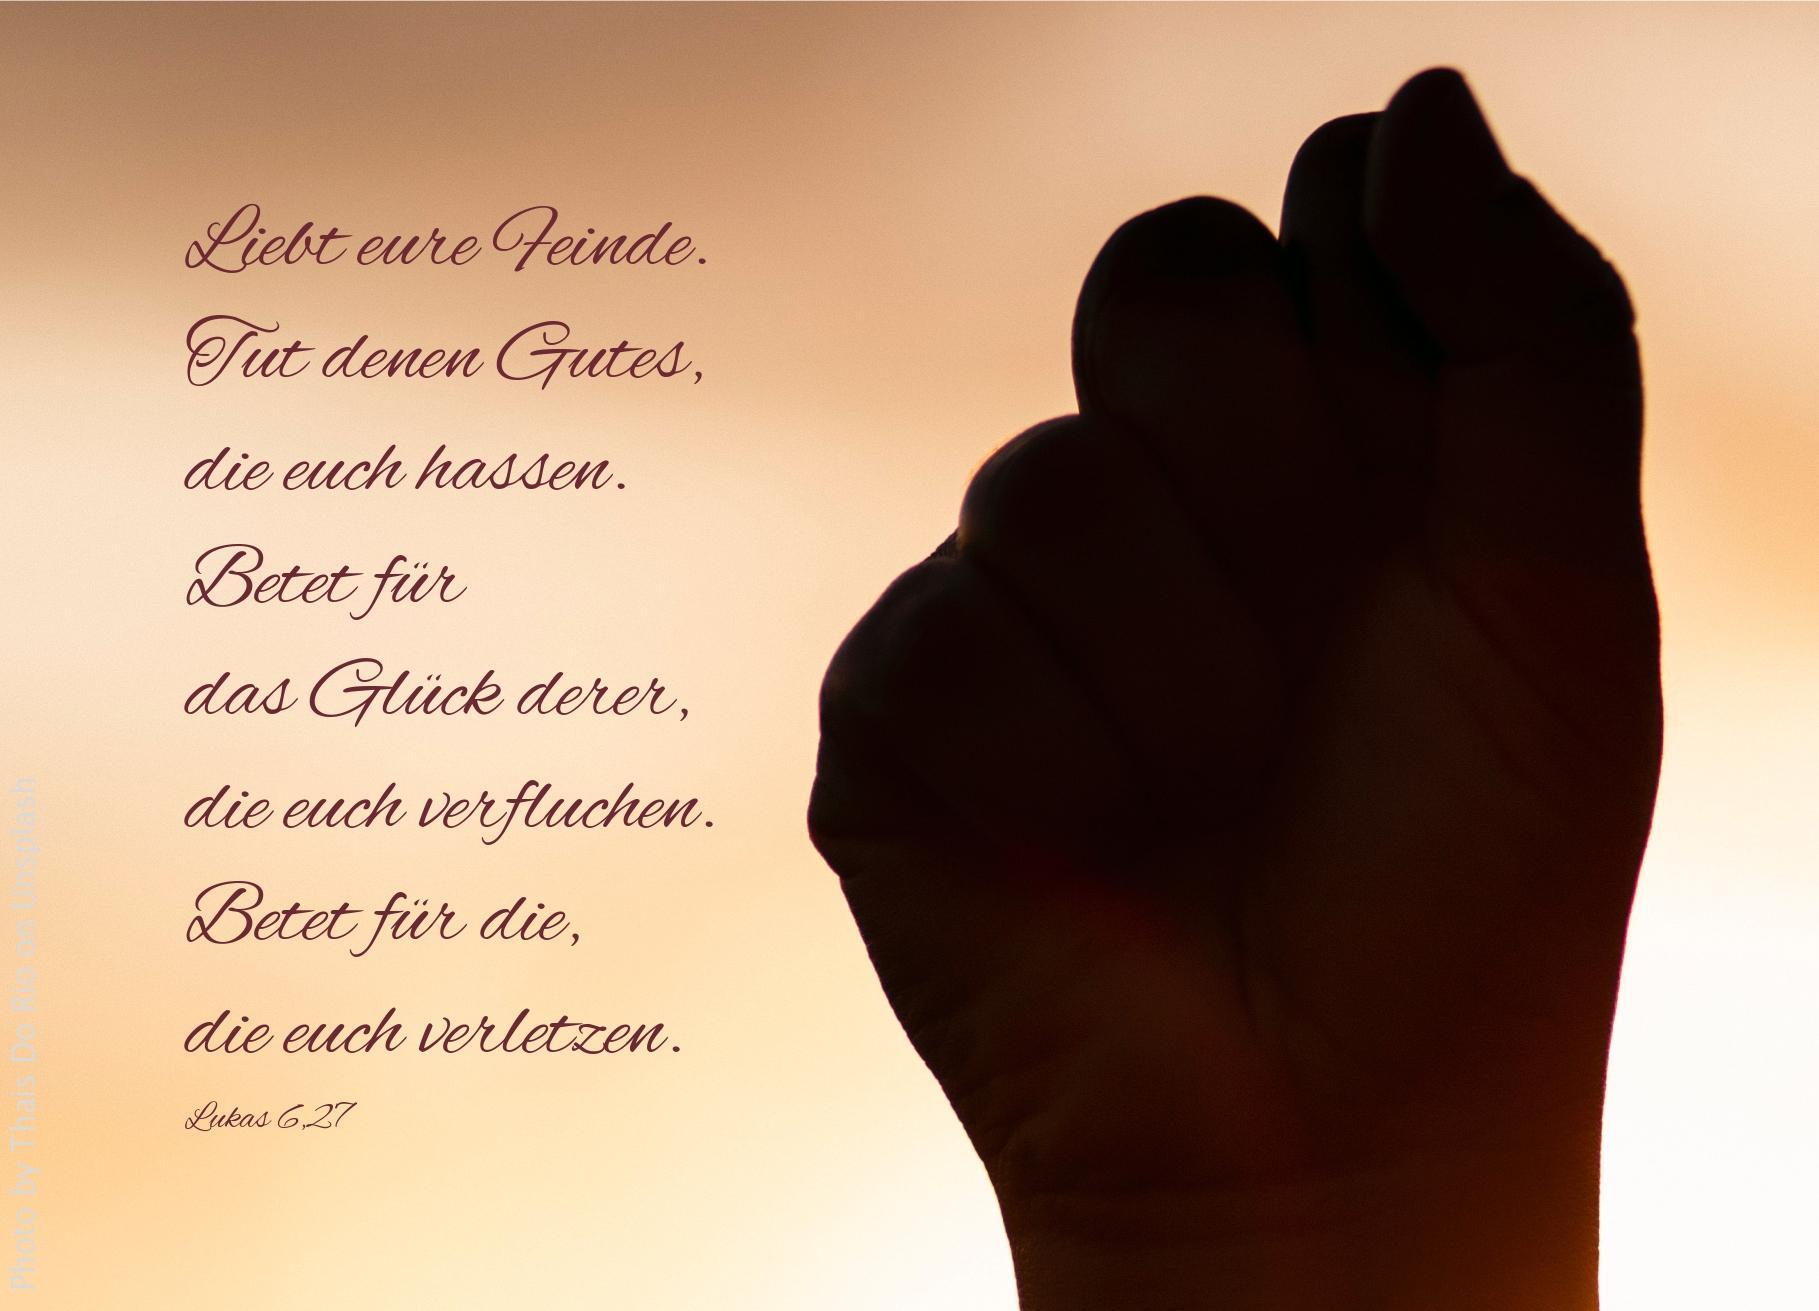 """alt=""""schatten_einer_faust_vor_hellem_hintergrund_erwartet_bibelhoerbuch_seligpreisungen"""""""